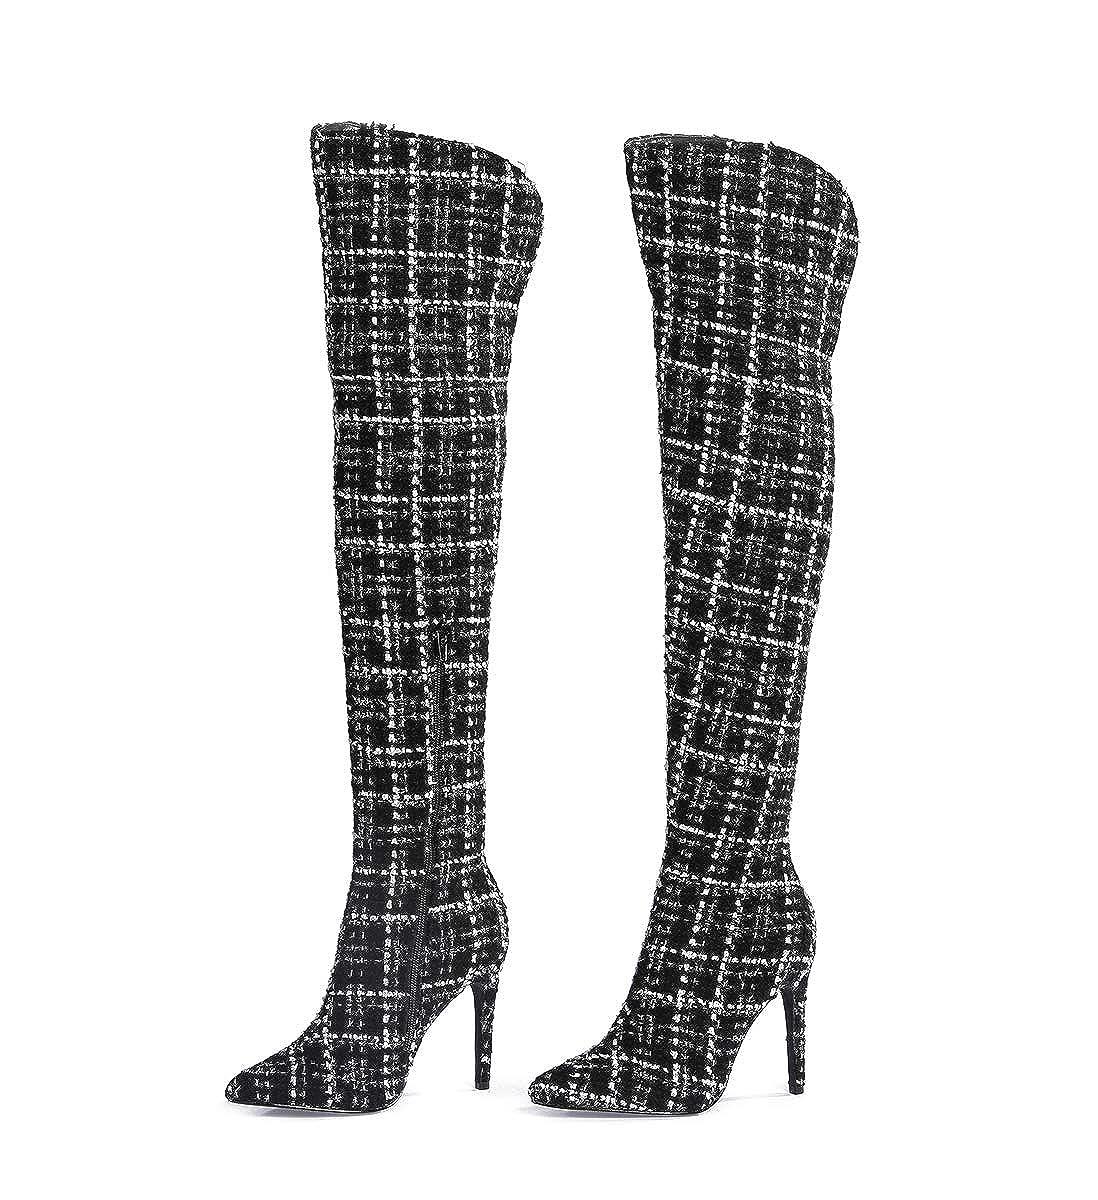 Stupmary Damen Stiefel & Stiefeletten Weiß - weiß - - - Größe  EU 37 10e85b